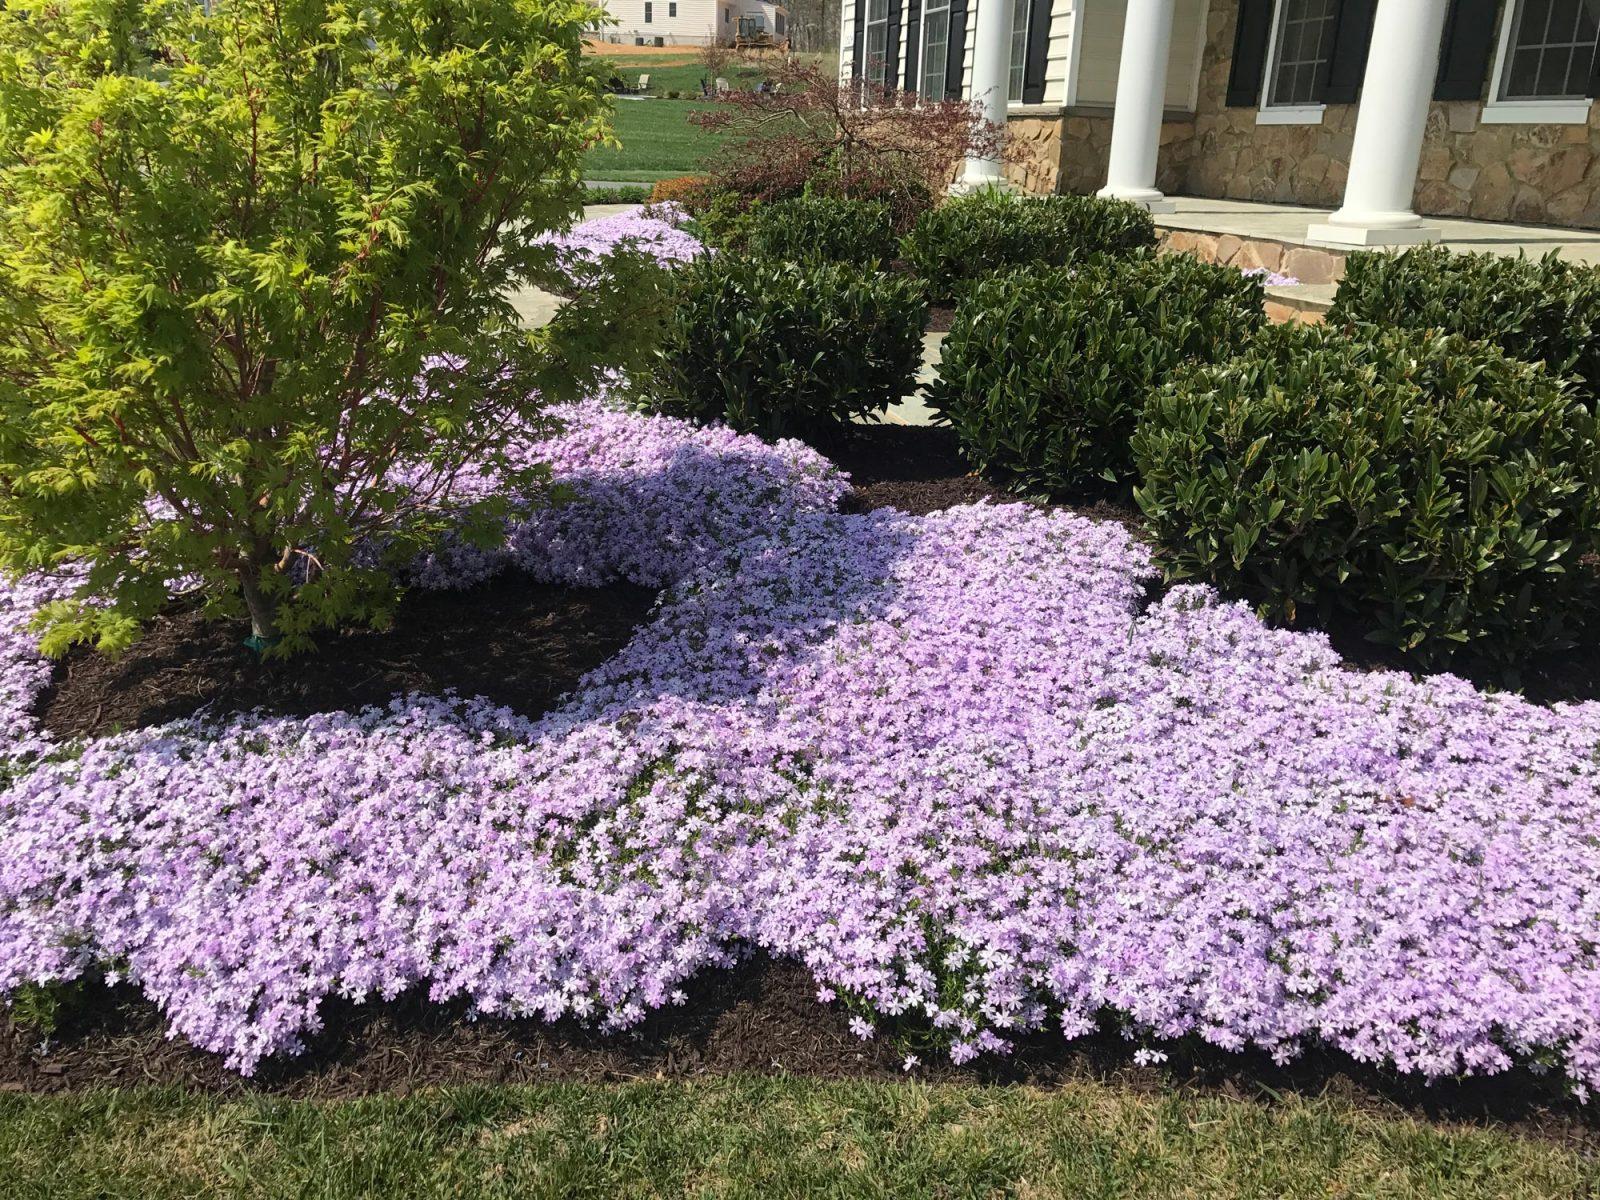 Landscape Maintenance in Glenwood, MD